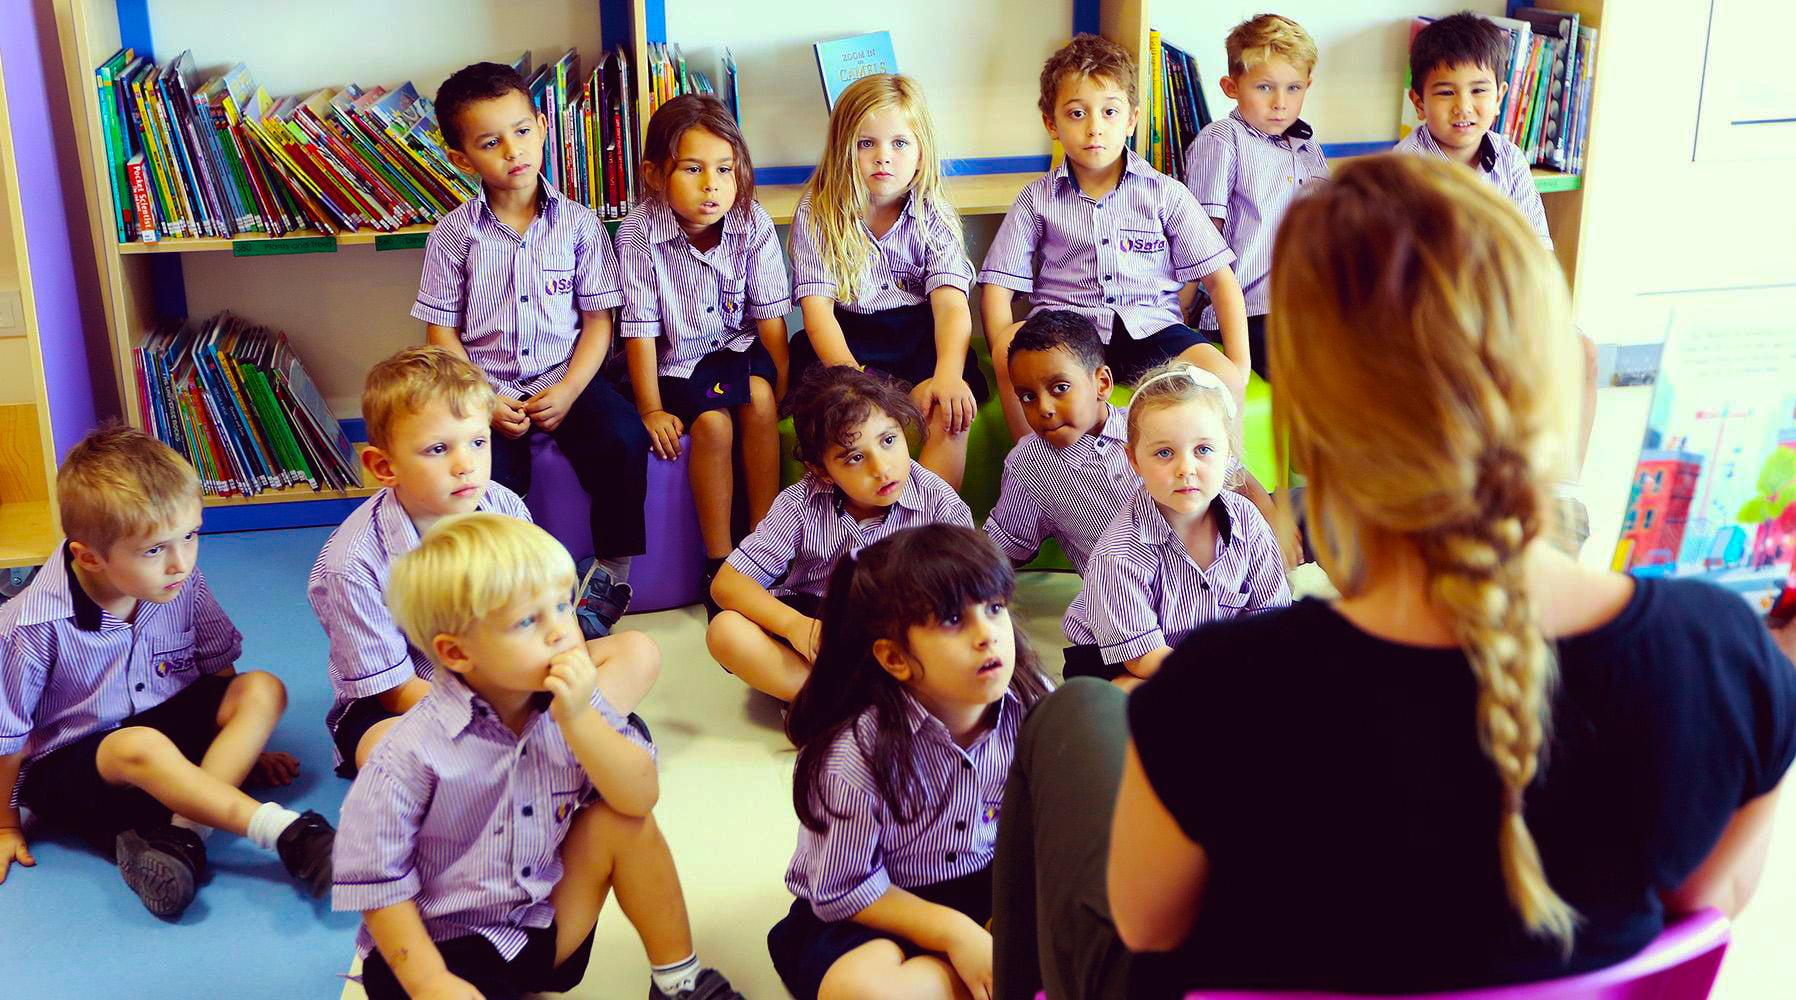 أطفال مفتونون ومتفوقون تم استيعابهم في درس في مدرسة الصفا المجتمعية في دبي - حصلوا على واحدة من أفضل 20 مدرسة في دبي وأبوظبي من خلال Schoolscompared.com في عام 2017